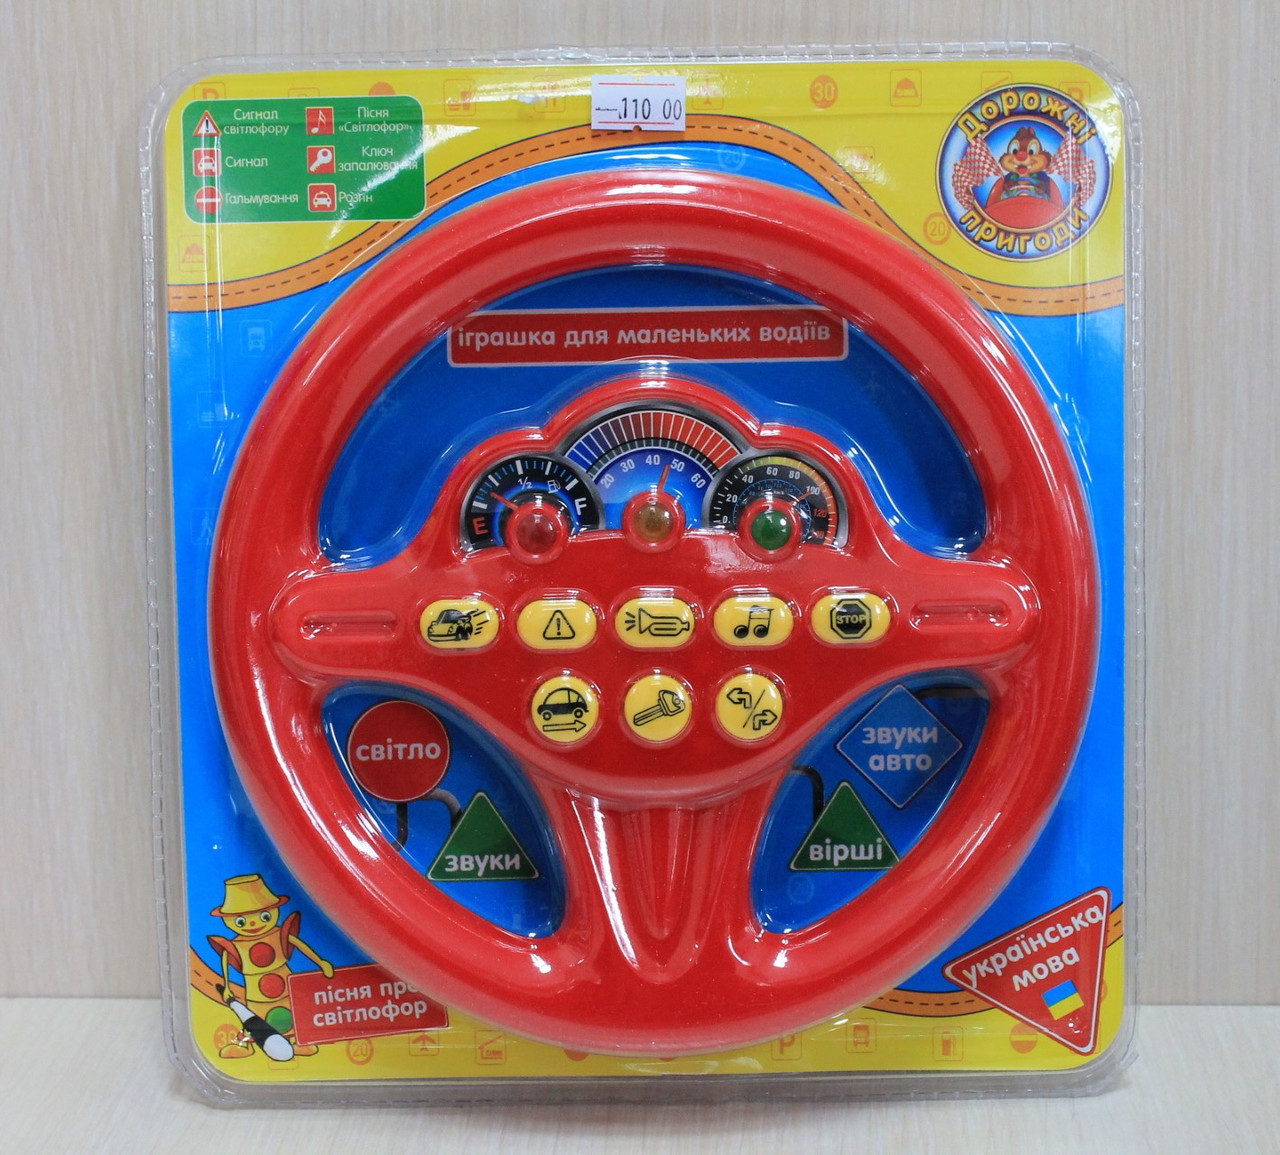 777-U Музыкальный руль, развивающие игрушки для детей